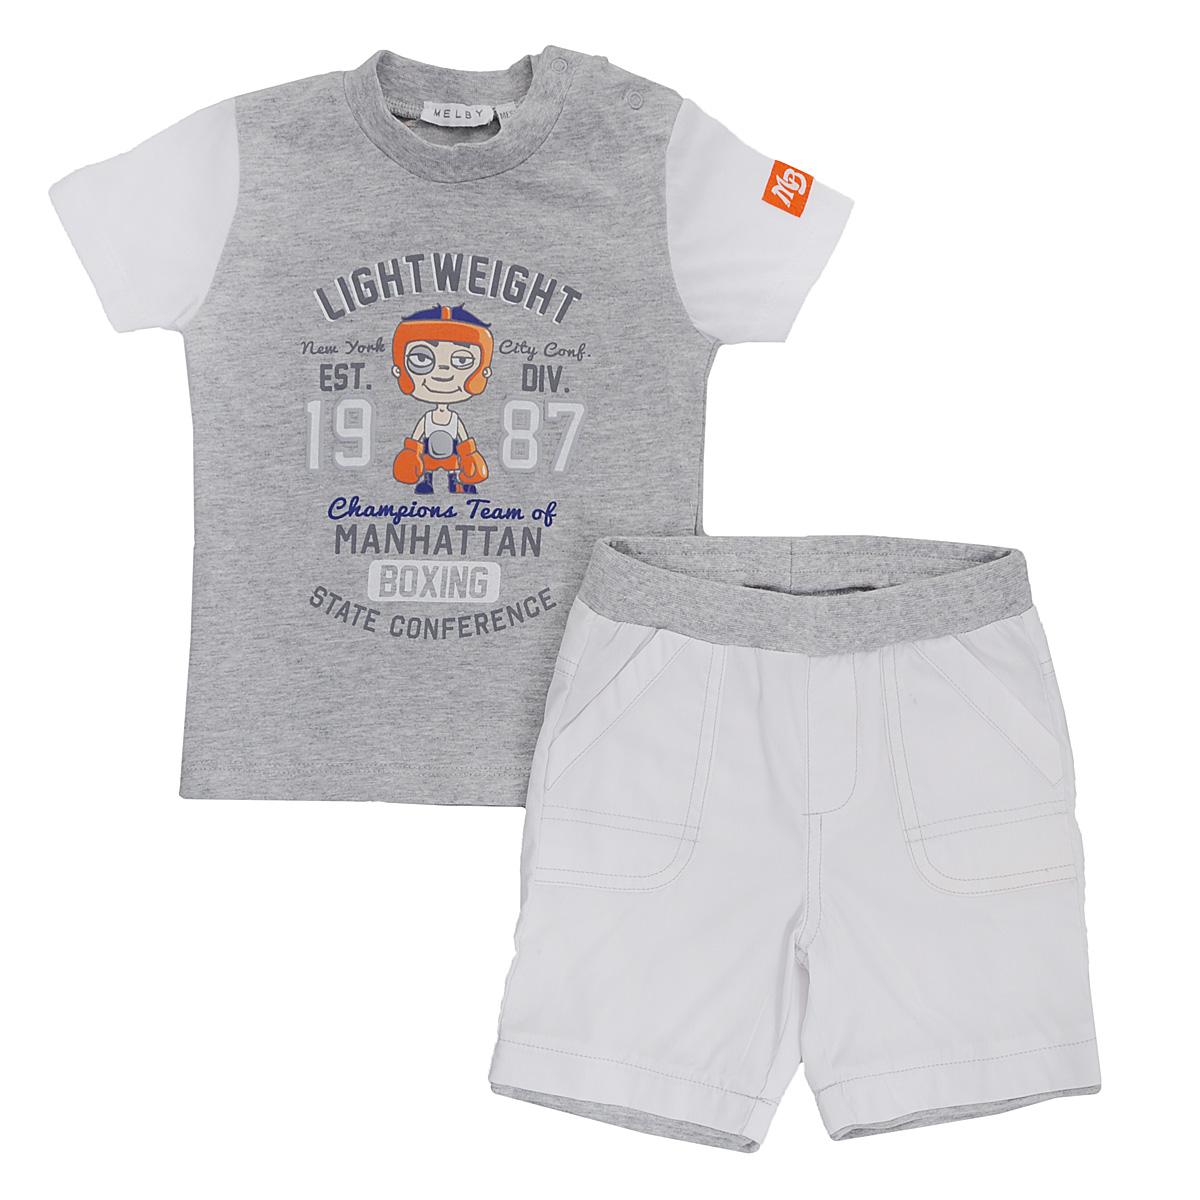 Комплект одежды45642293Комплект для мальчика MELBY, состоящий из футболки и шорт, идеально подойдет вашему малышу. Изготовленный из натурального хлопка, он необычайно мягкий и приятный на ощупь, не сковывает движения малыша и позволяет коже дышать, не раздражает даже самую нежную и чувствительную кожу ребенка, обеспечивая ему наибольший комфорт. Футболка с короткими рукавами и небольшим воротником-стойкой имеет застежки-кнопки по плечу, что помогает легко переодеть малыша. Вырез горловины дополнен трикотажной эластичной вставкой. Спереди модель оформлена оригинальной аппликацией на спортивную тематику. Легкие хлопковые шортики на талии имеют широкую эластичную резинку, благодаря чему они не сдавливают животик ребенка и не сползают. Спереди и сзади они дополнены двумя накладными карманами. Также имеется имитация ширинки. Отделка шортиков придает эффект 2 в 1. Упакован комплект в подарочную коробку с прозрачным окошком. Оригинальный дизайн и модная расцветка делают этот комплект...